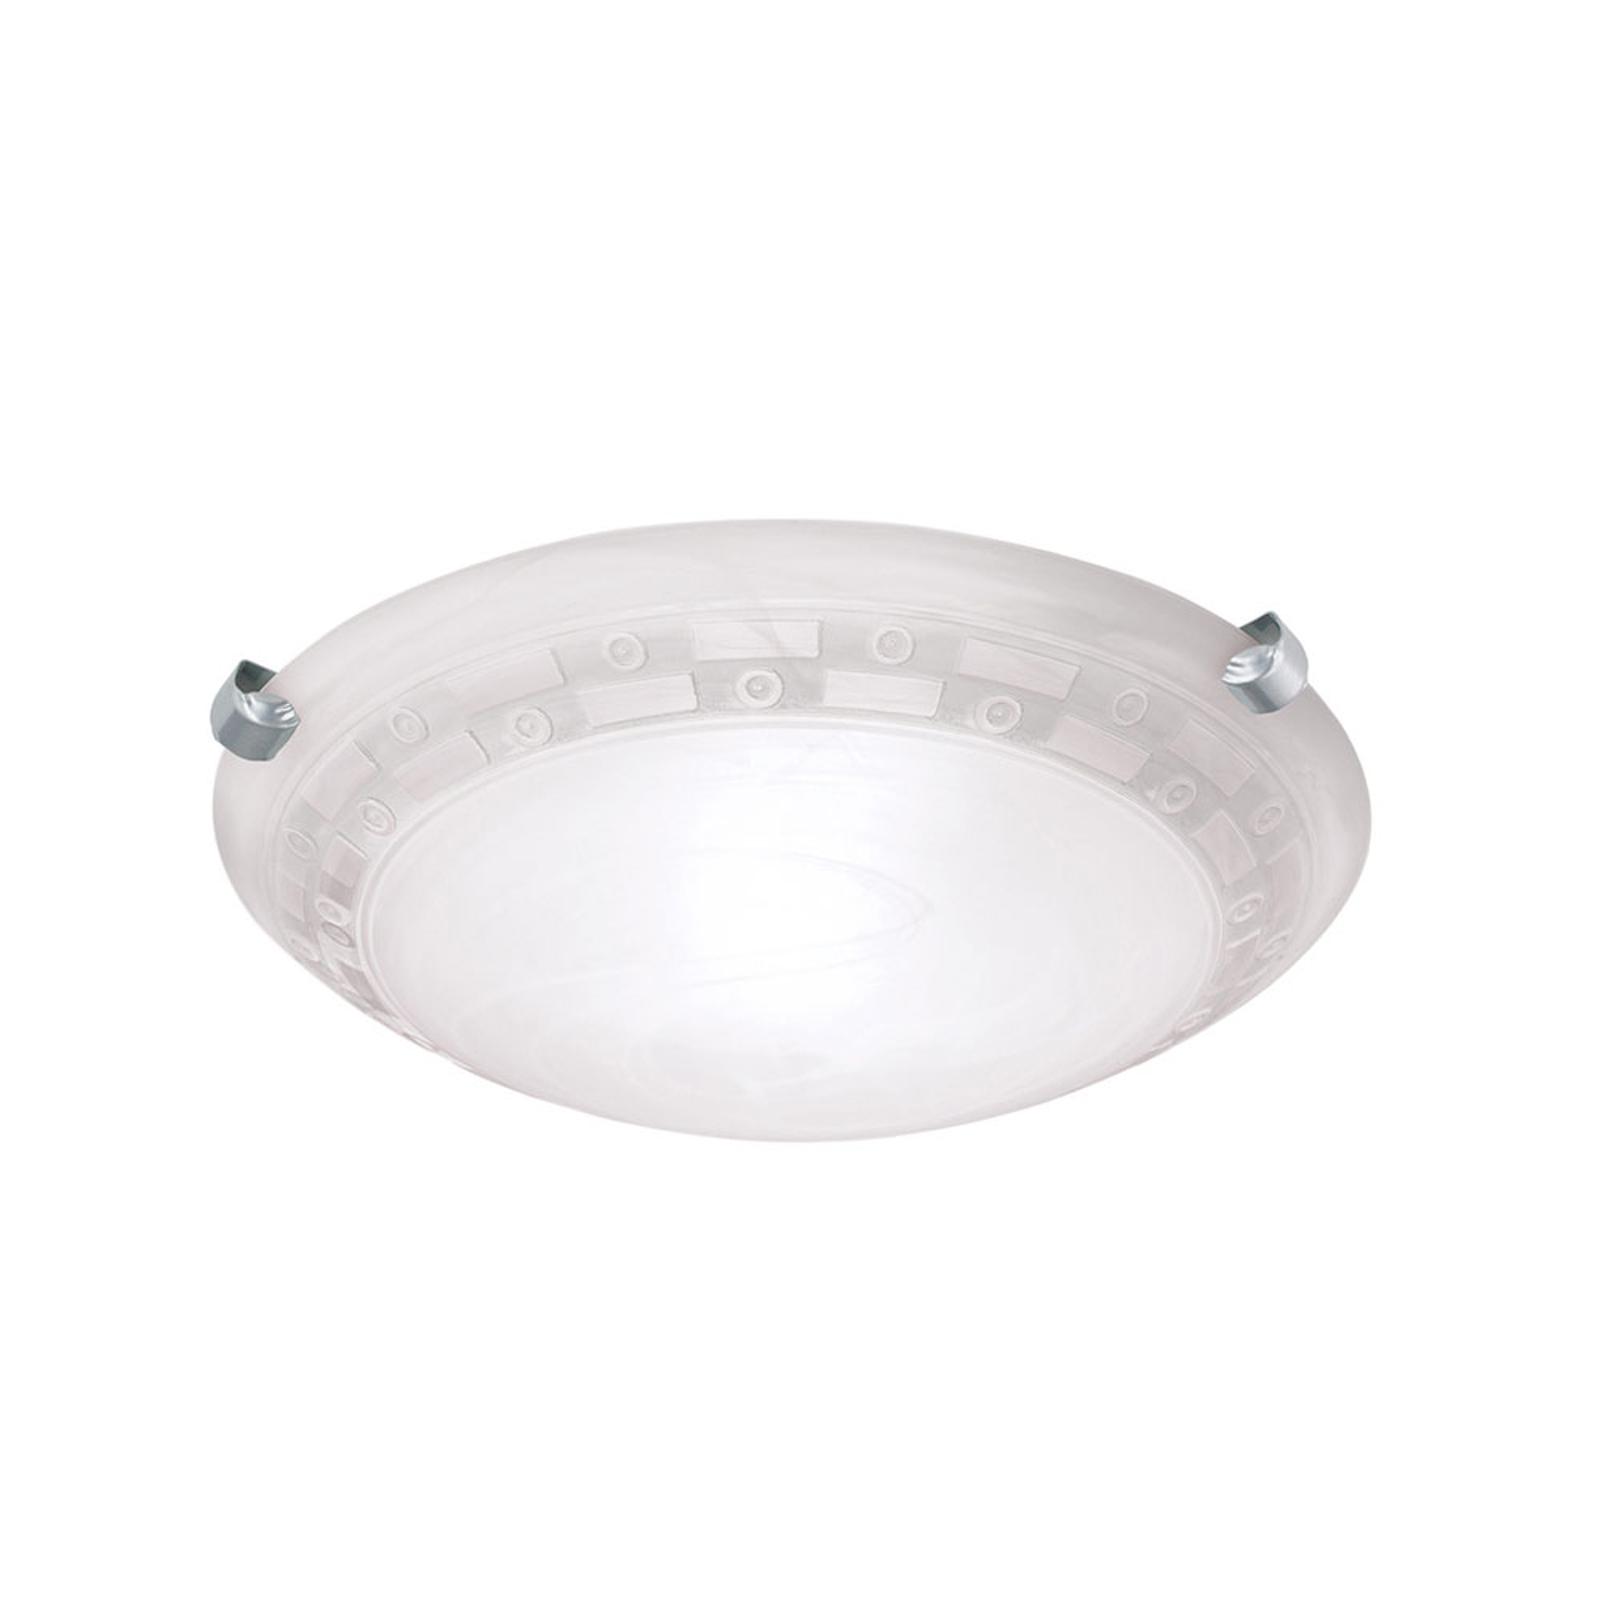 Taklampe Adonis, Ø 30 cm, hvit/nikkel